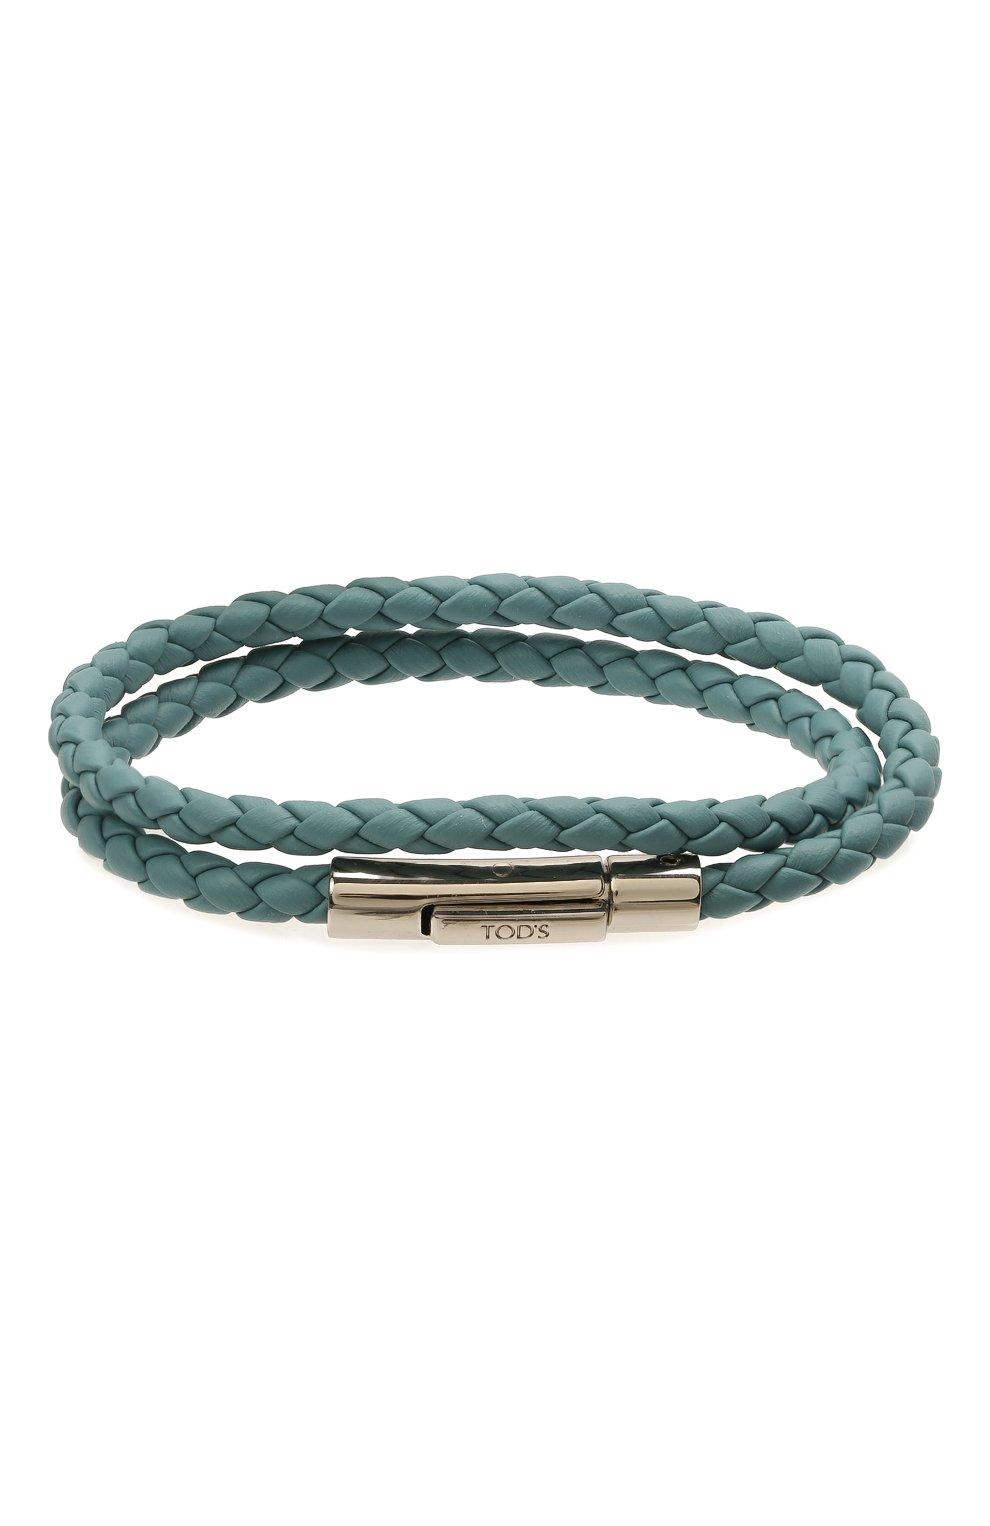 Мужской кожаный браслет TOD'S голубого цвета, арт. XEMB1900200FLR | Фото 1 (Материал: Кожа)